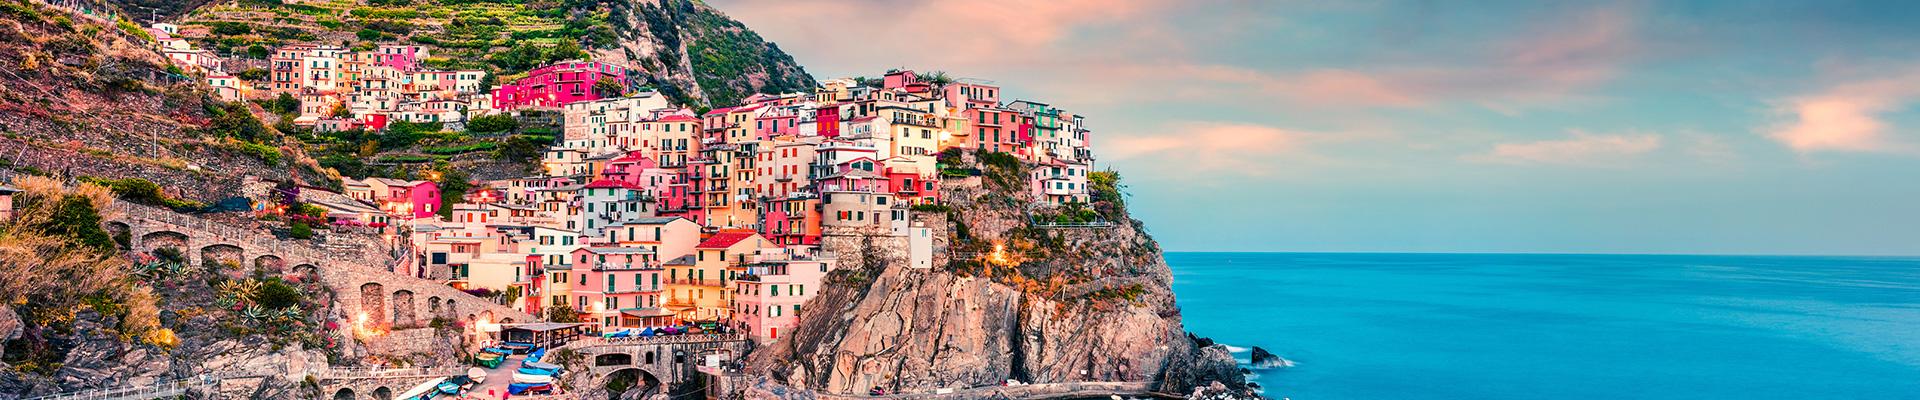 Liguria, il gioiello incastonato nella roccia